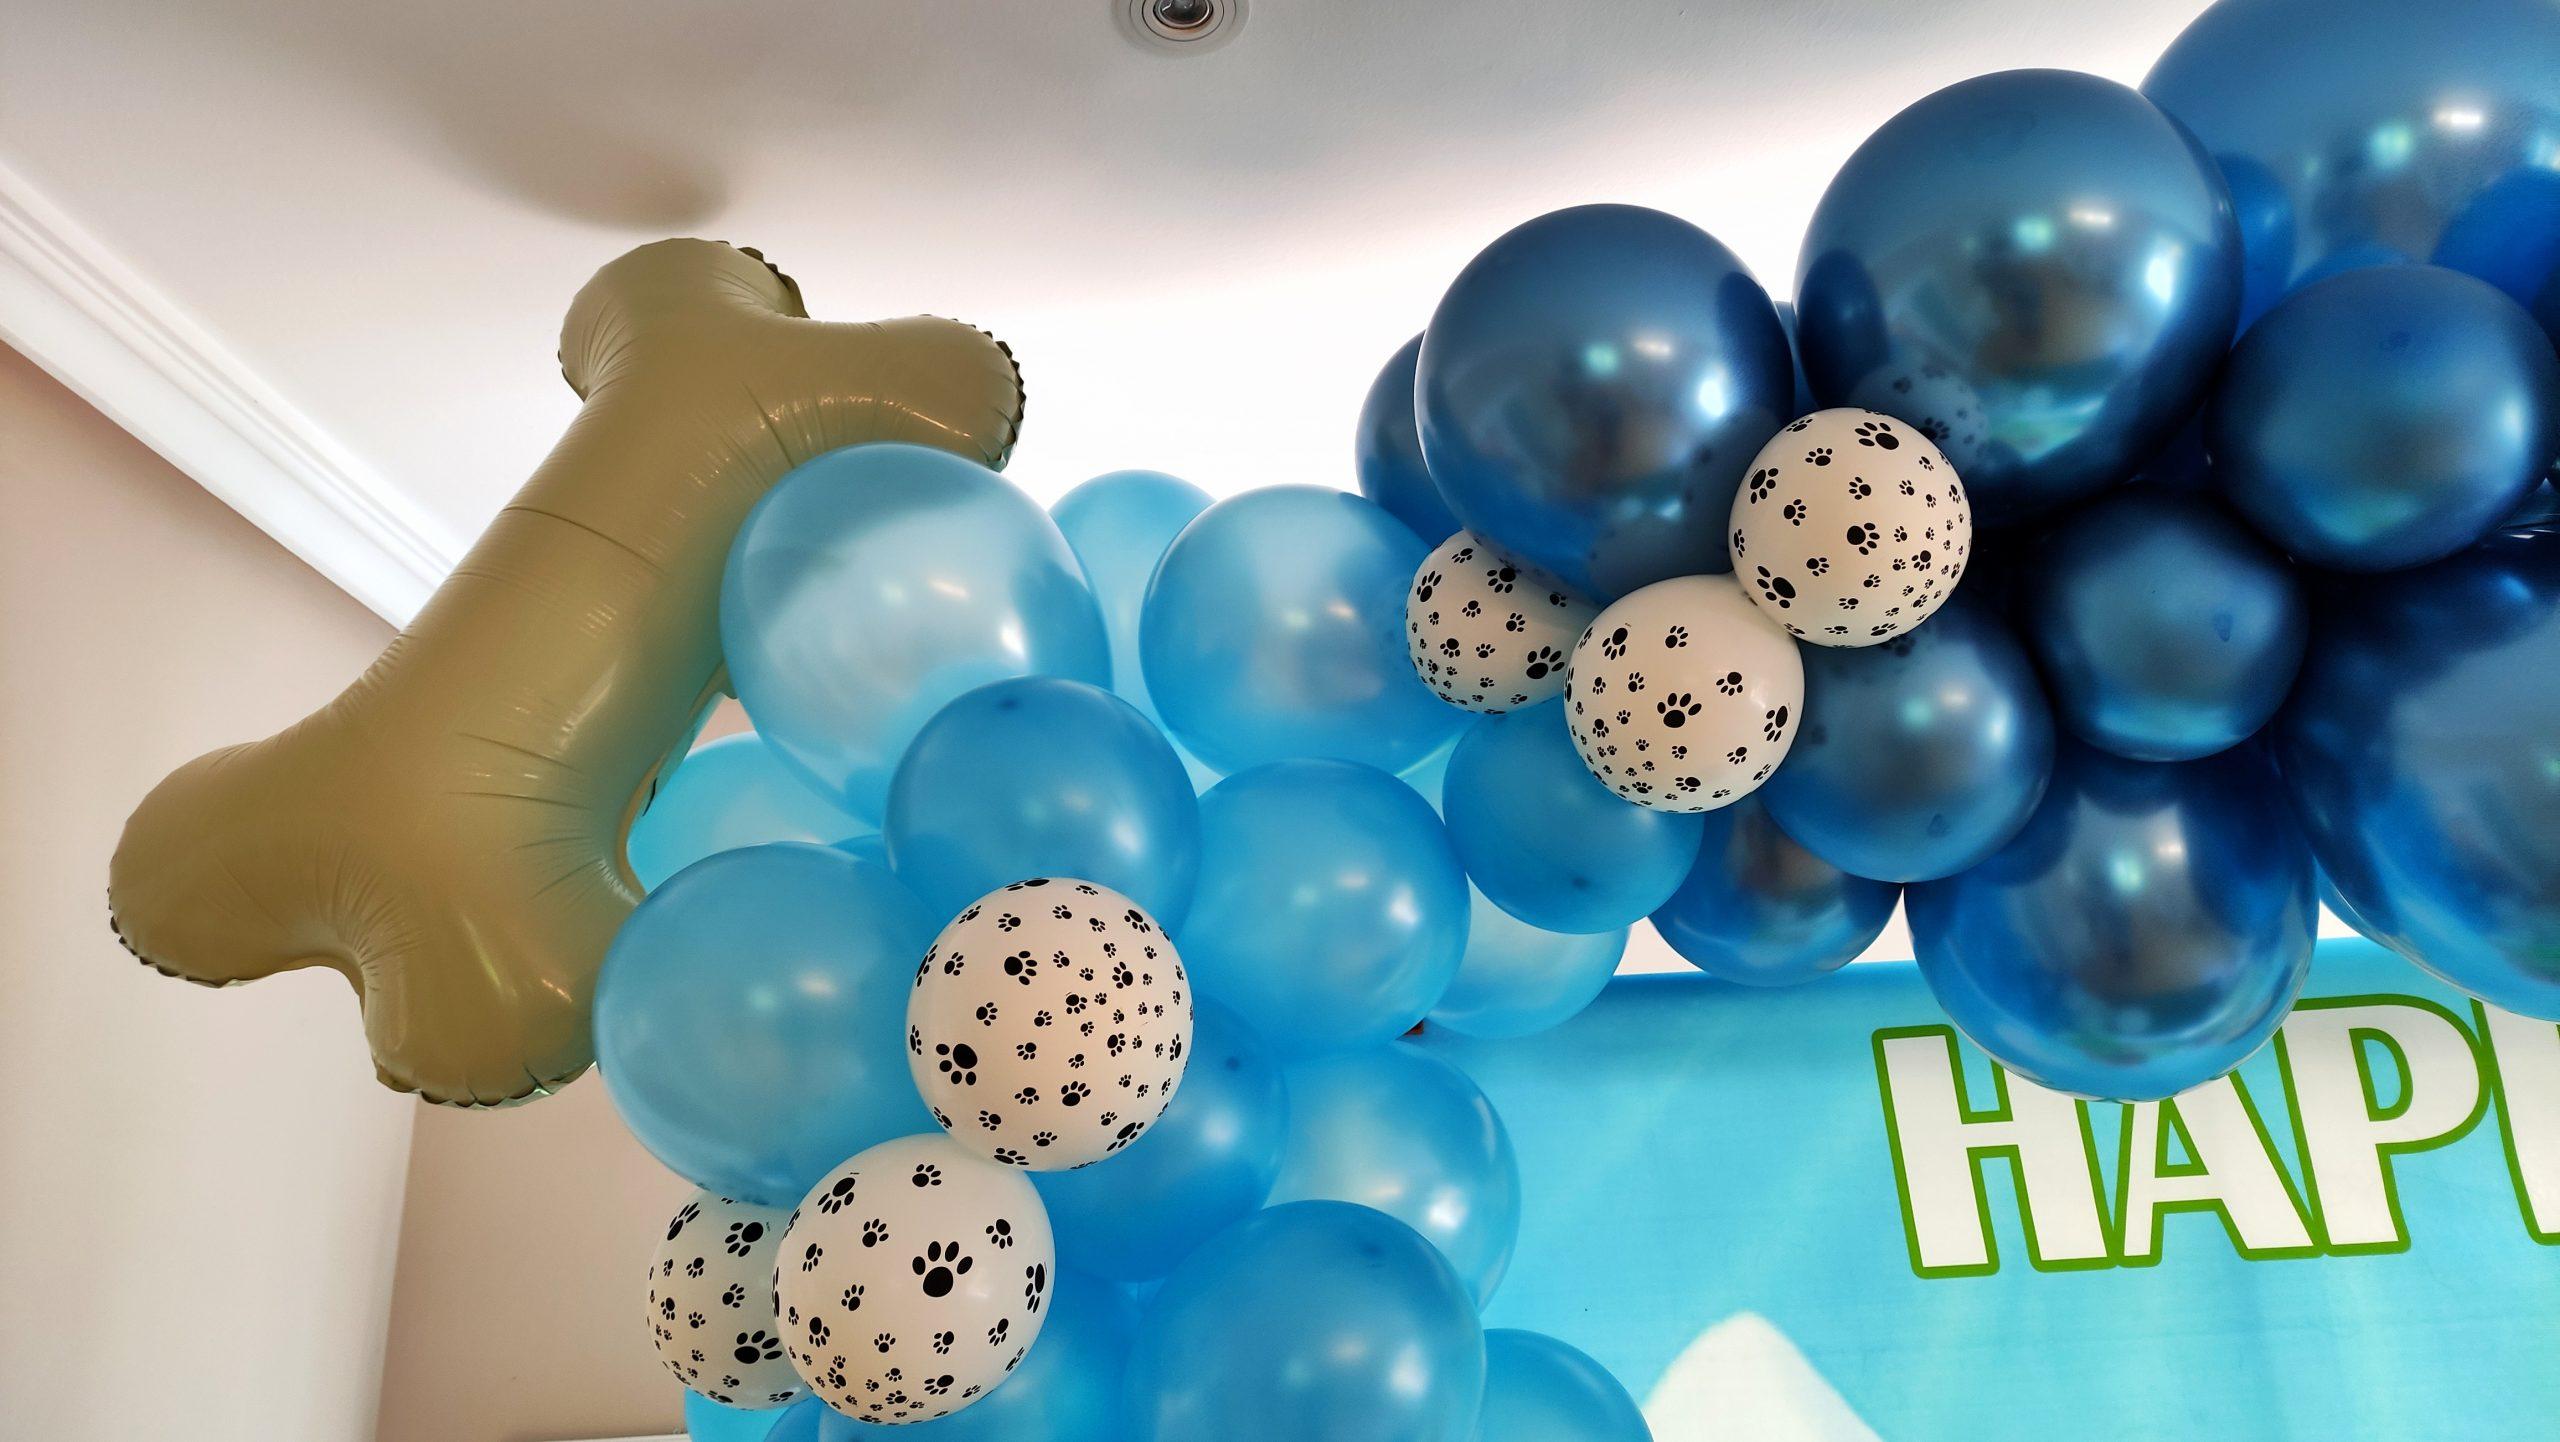 eventolove-globos-decoracion-fiesta-party-patrullacanina